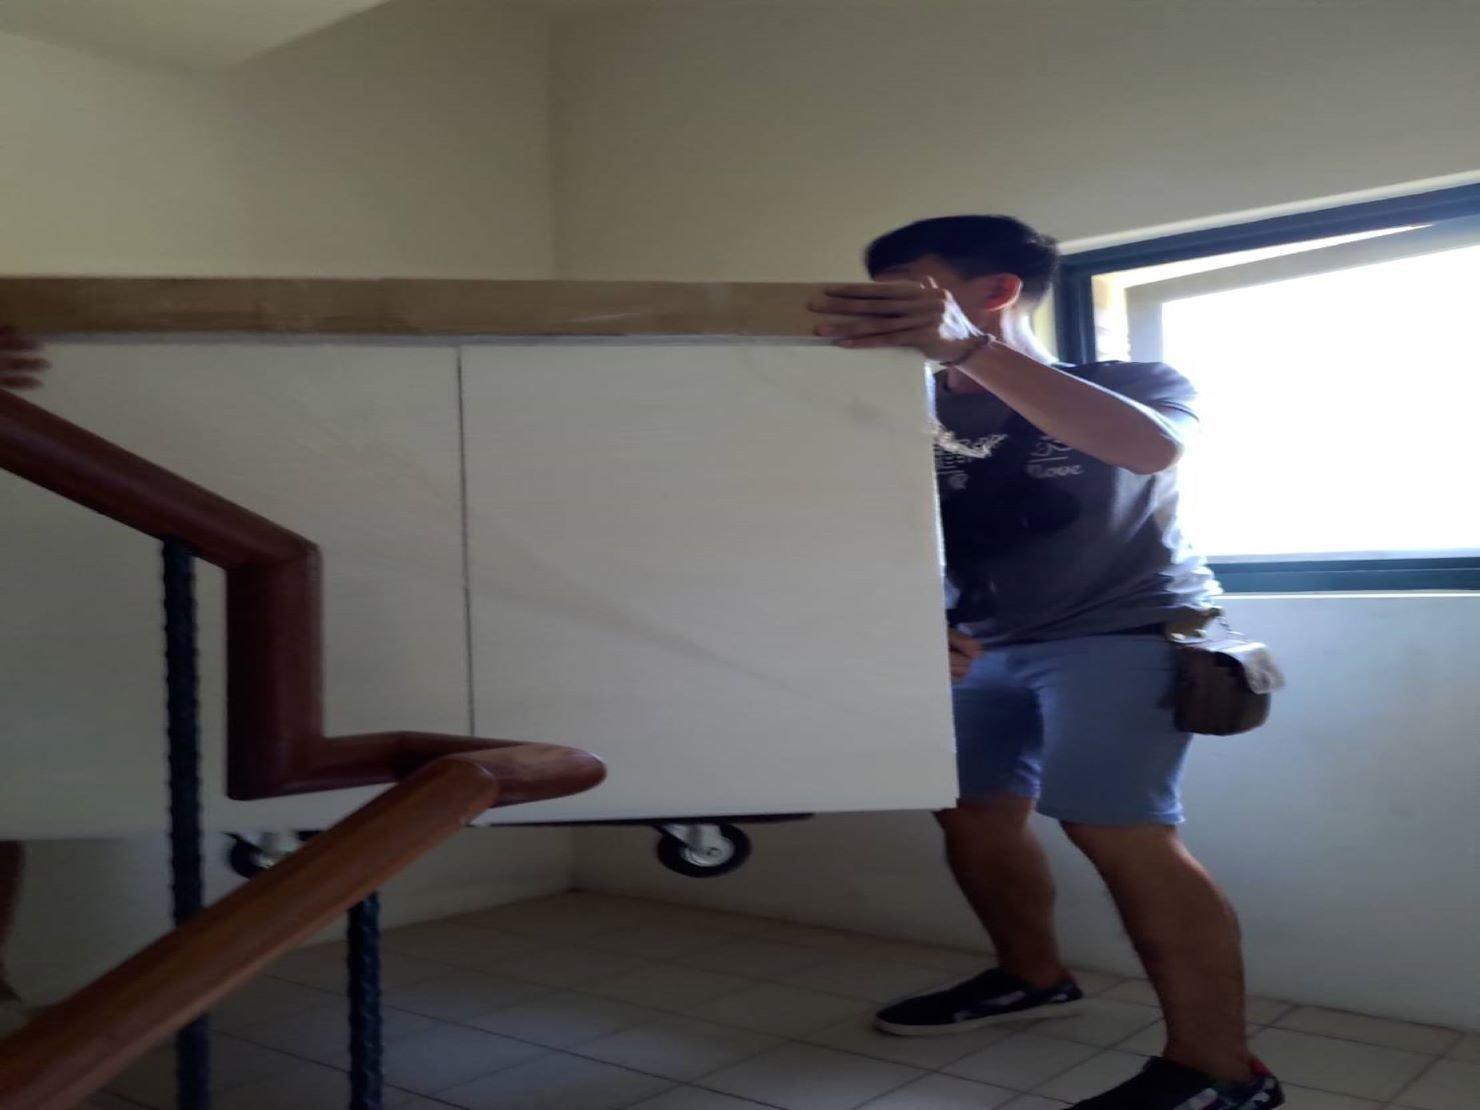 搬魚缸【榮福搬家】搬重物、搬金庫、台北搬家推薦:搬運至樓梯彎處,需要兩位師傅的默契及技巧